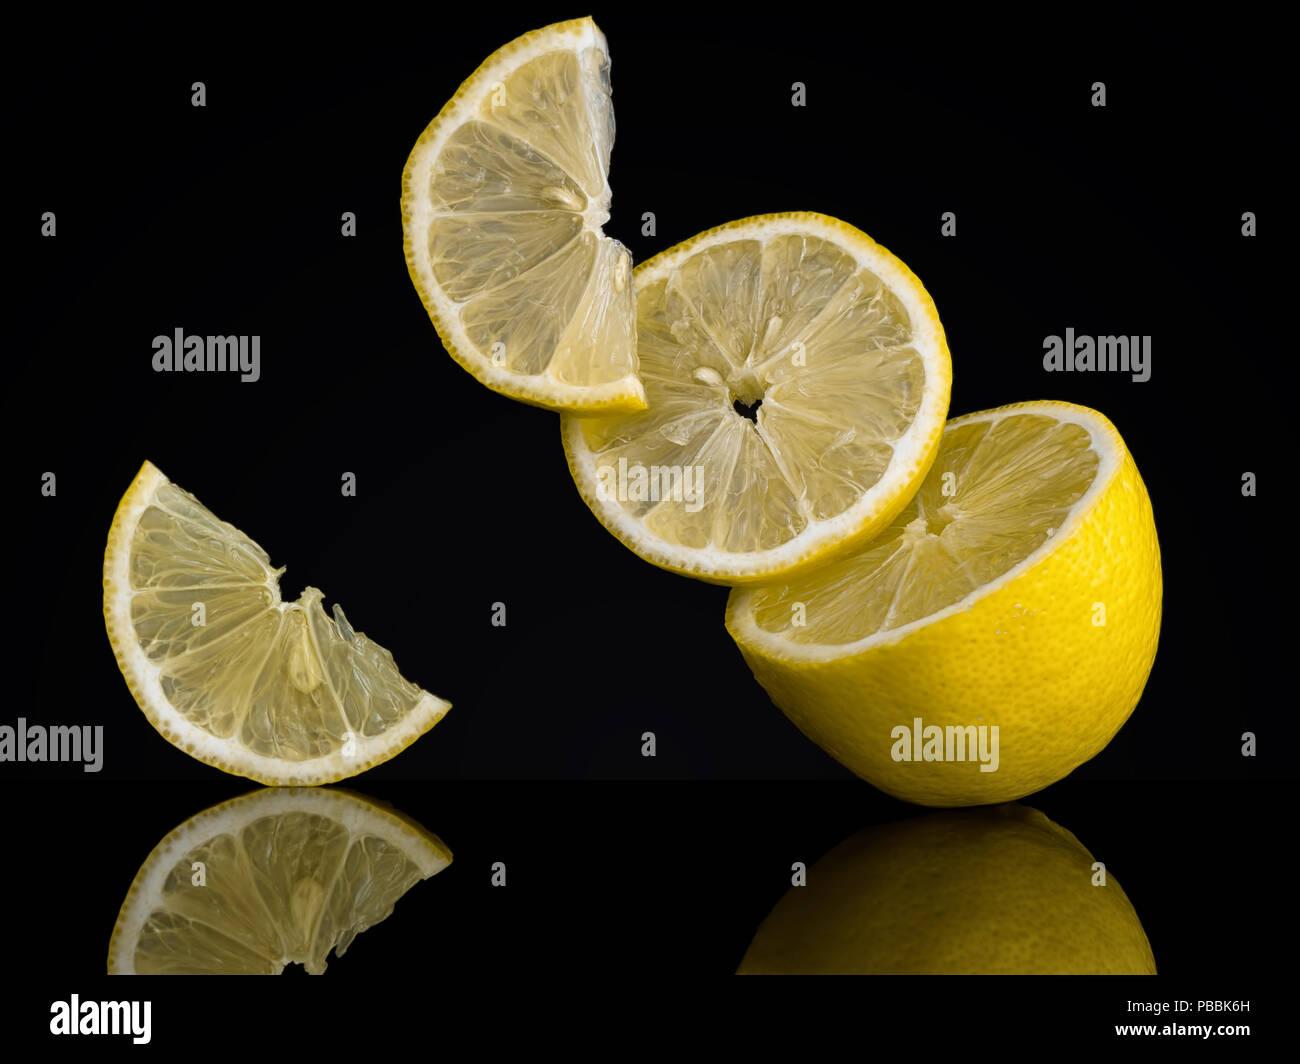 Rodajas de limón, piezas sobre un fondo negro. Fotos inusuales. Parecen desafiar la gravedad Imagen De Stock